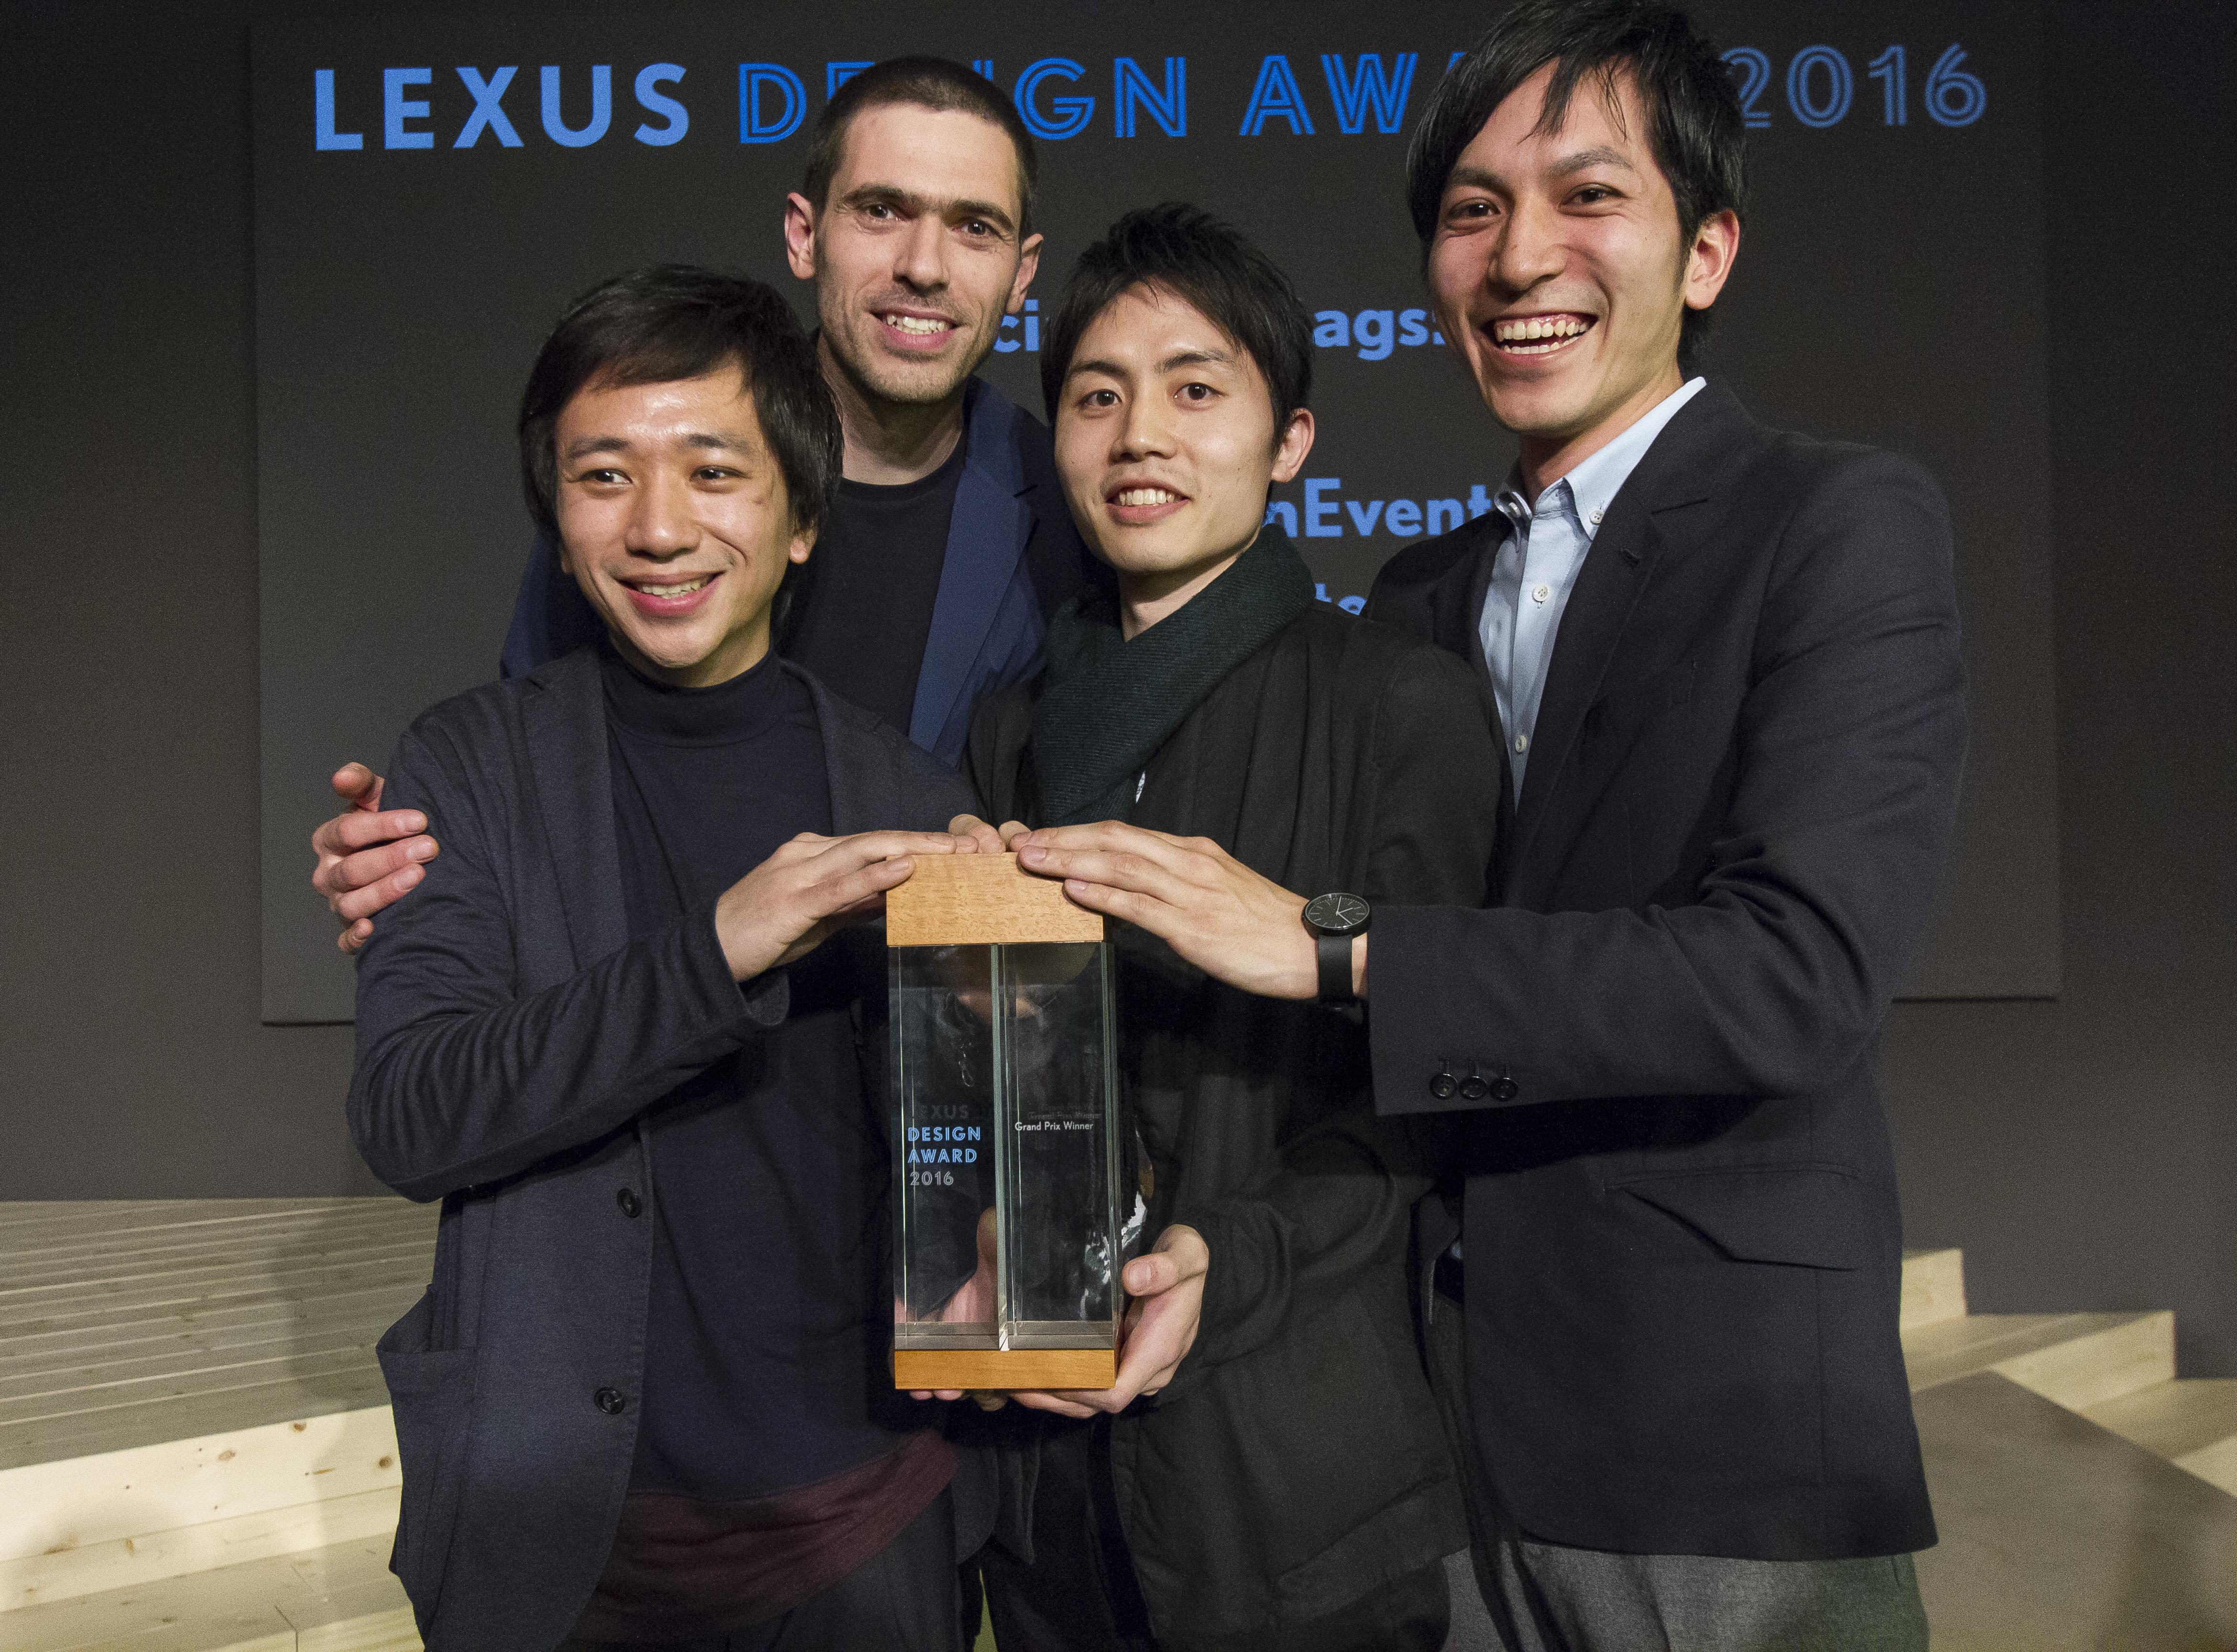 Une conceptrice canadienne sélectionnée parmi les quatre finalistes du Prix du design Lexus 2016